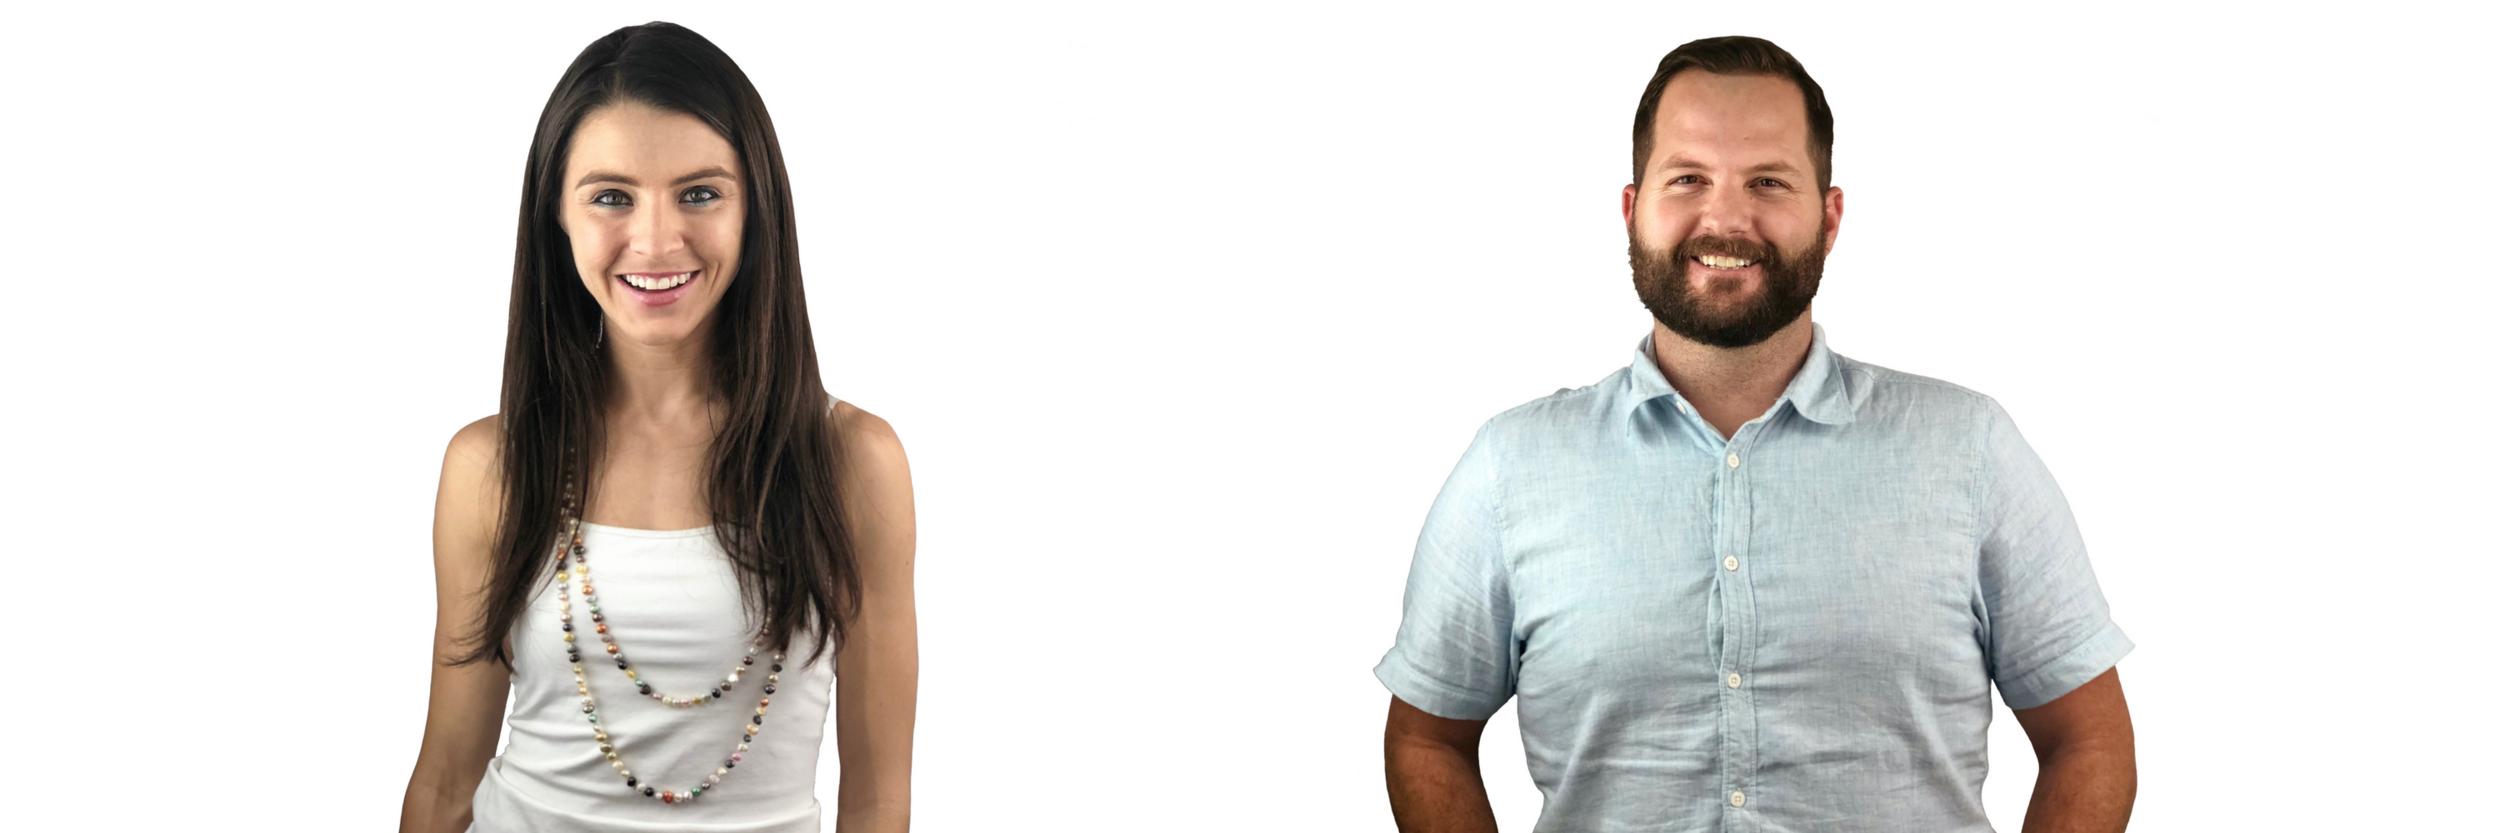 Eterneva Co-Founders: Adelle Archer & Garrett Ozar